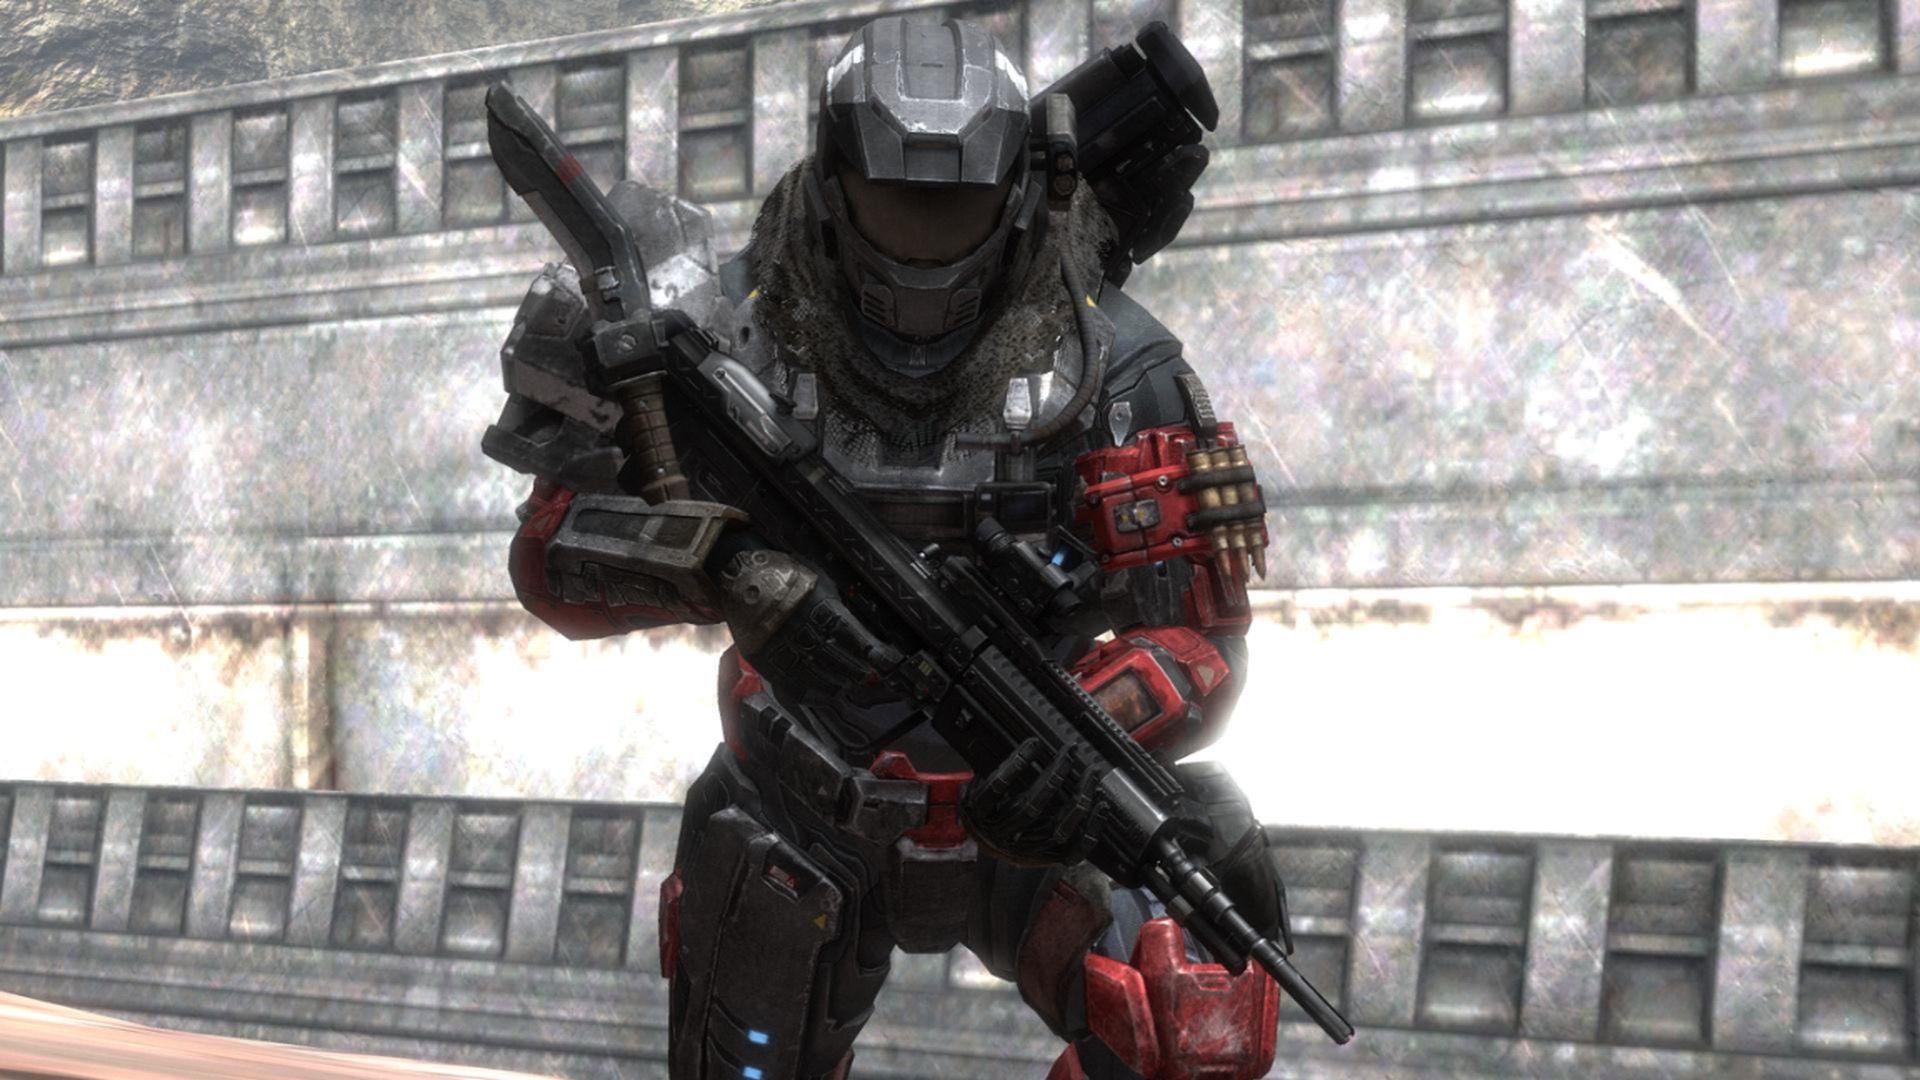 Spartan Iii Commando Halo Reach Samurai Commando